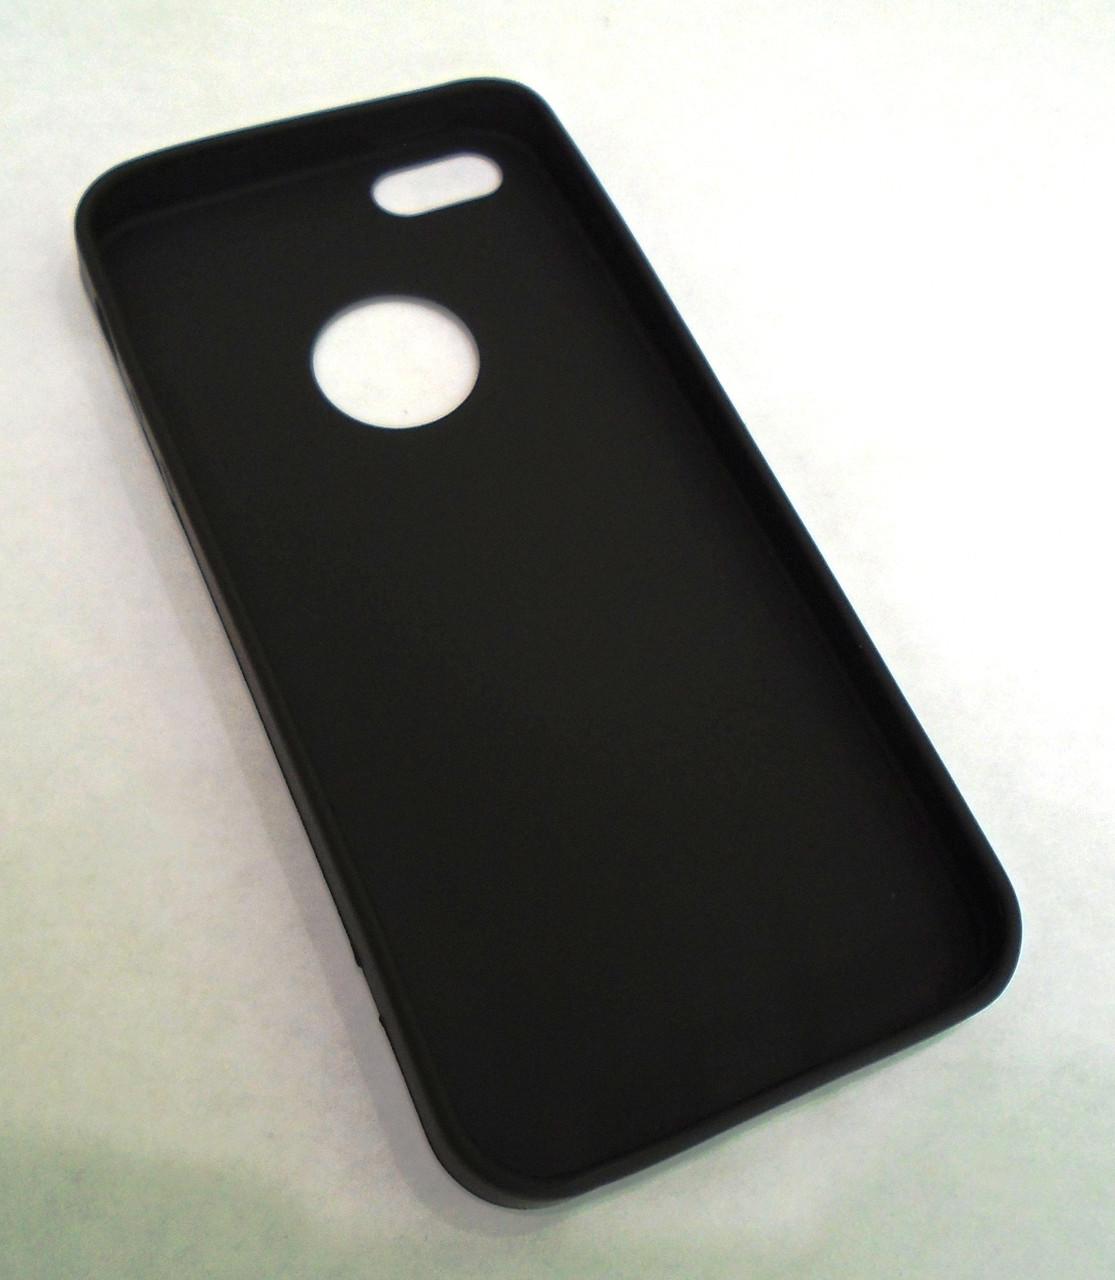 Матовый Чехол бампер softcase iphone 5 5s 5g